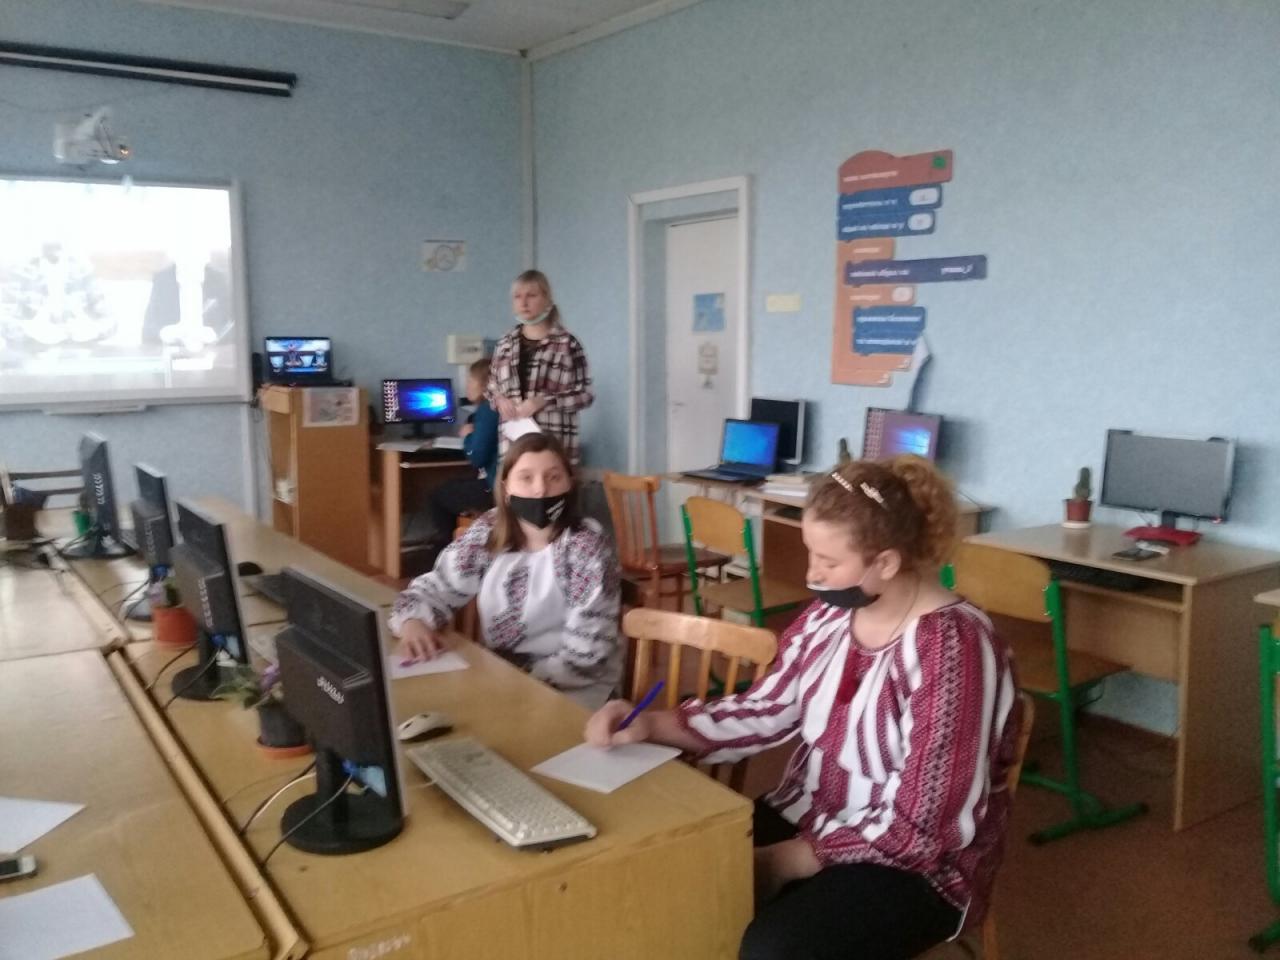 http://dunrada.gov.ua/uploadfile/archive_news/2020/11/09/2020-11-09_7266/images/images-6563.jpg